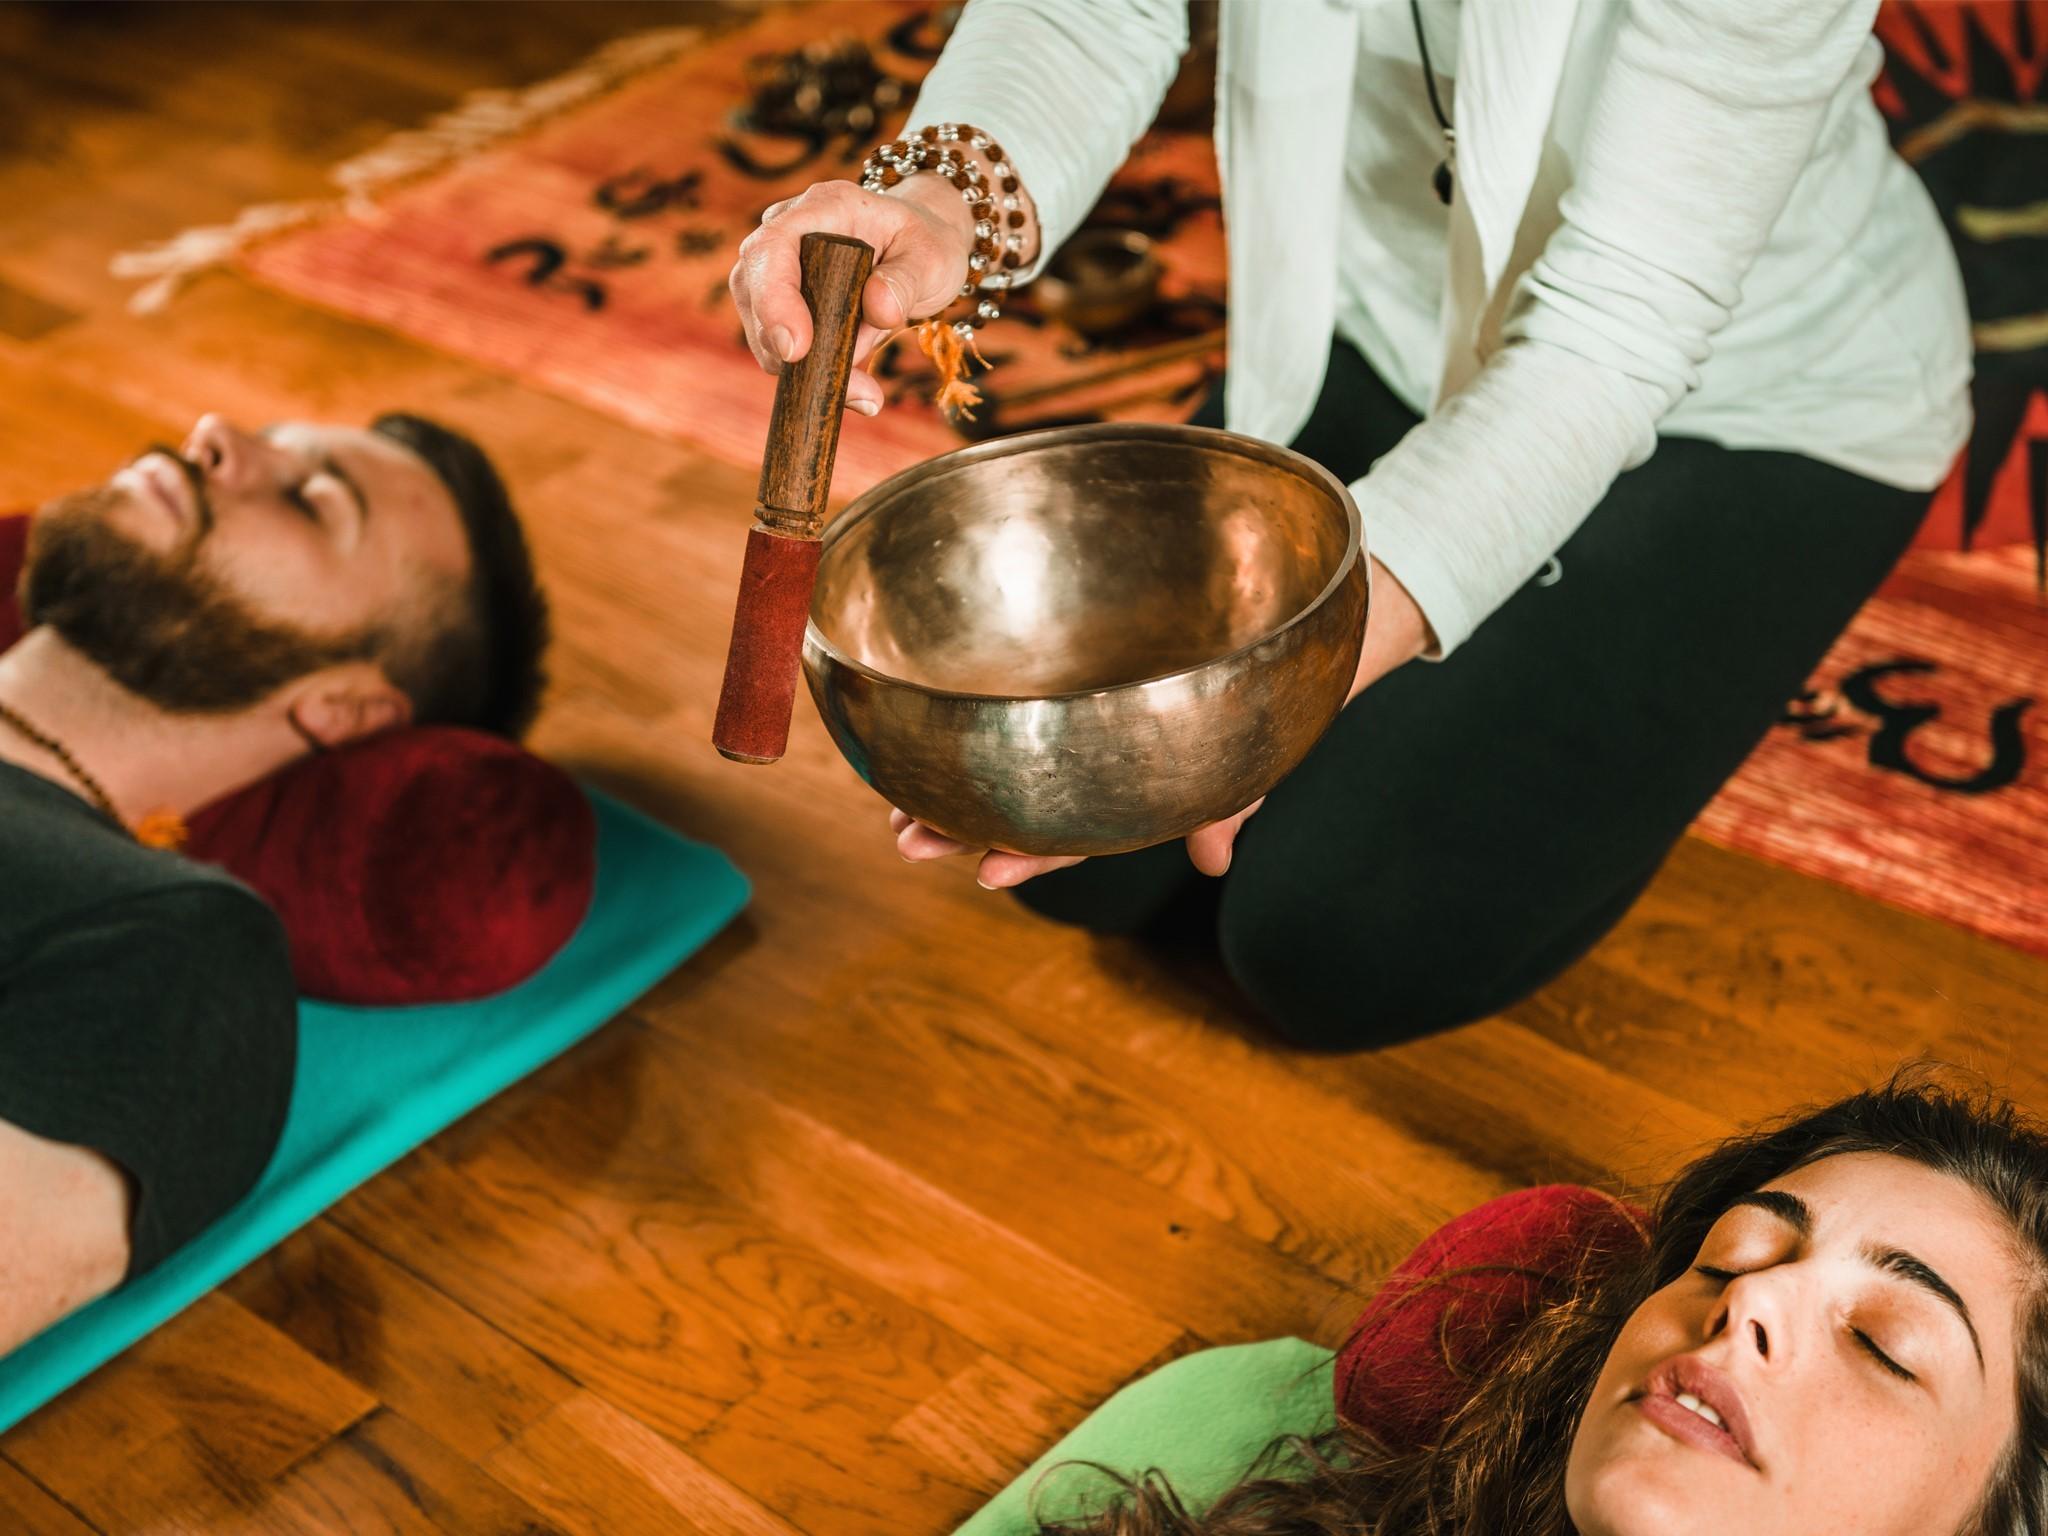 Experiencias inusuales de wellness en la CDMX